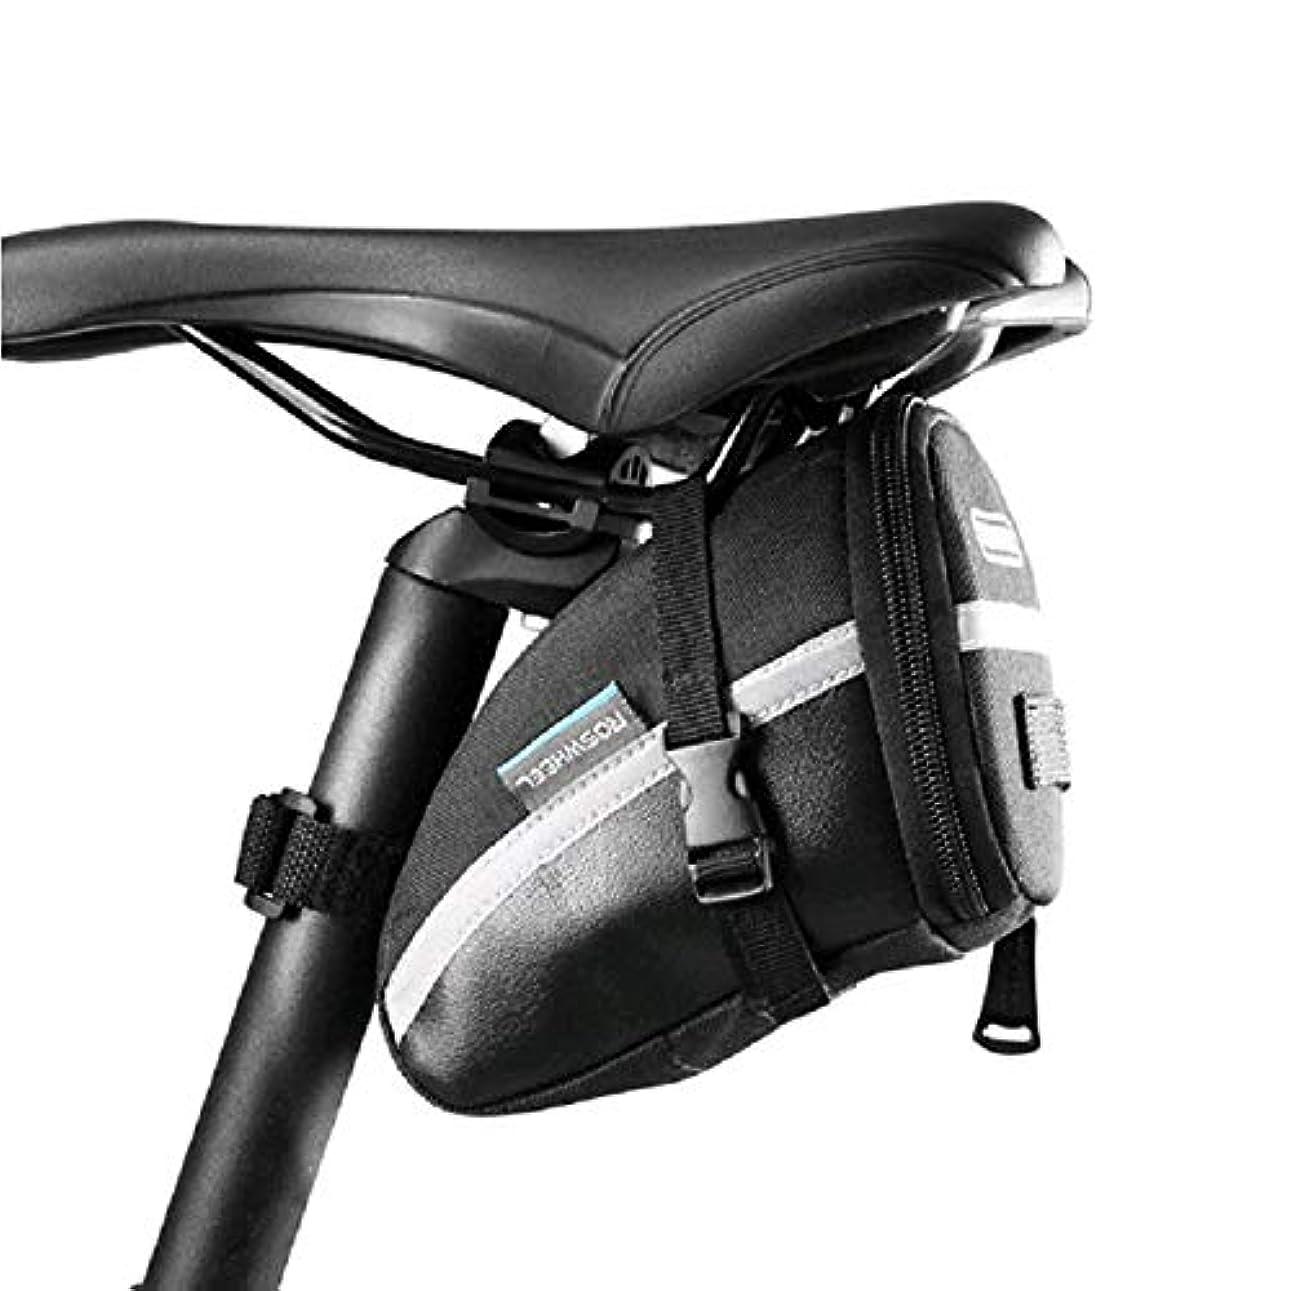 角度カップ猛烈なサドルバッグ?フレームバッグ 自転車ストラップオン自転車サドルバッグ/自転車シートパックバッグ、サイクリングウェッジ形状バッグ